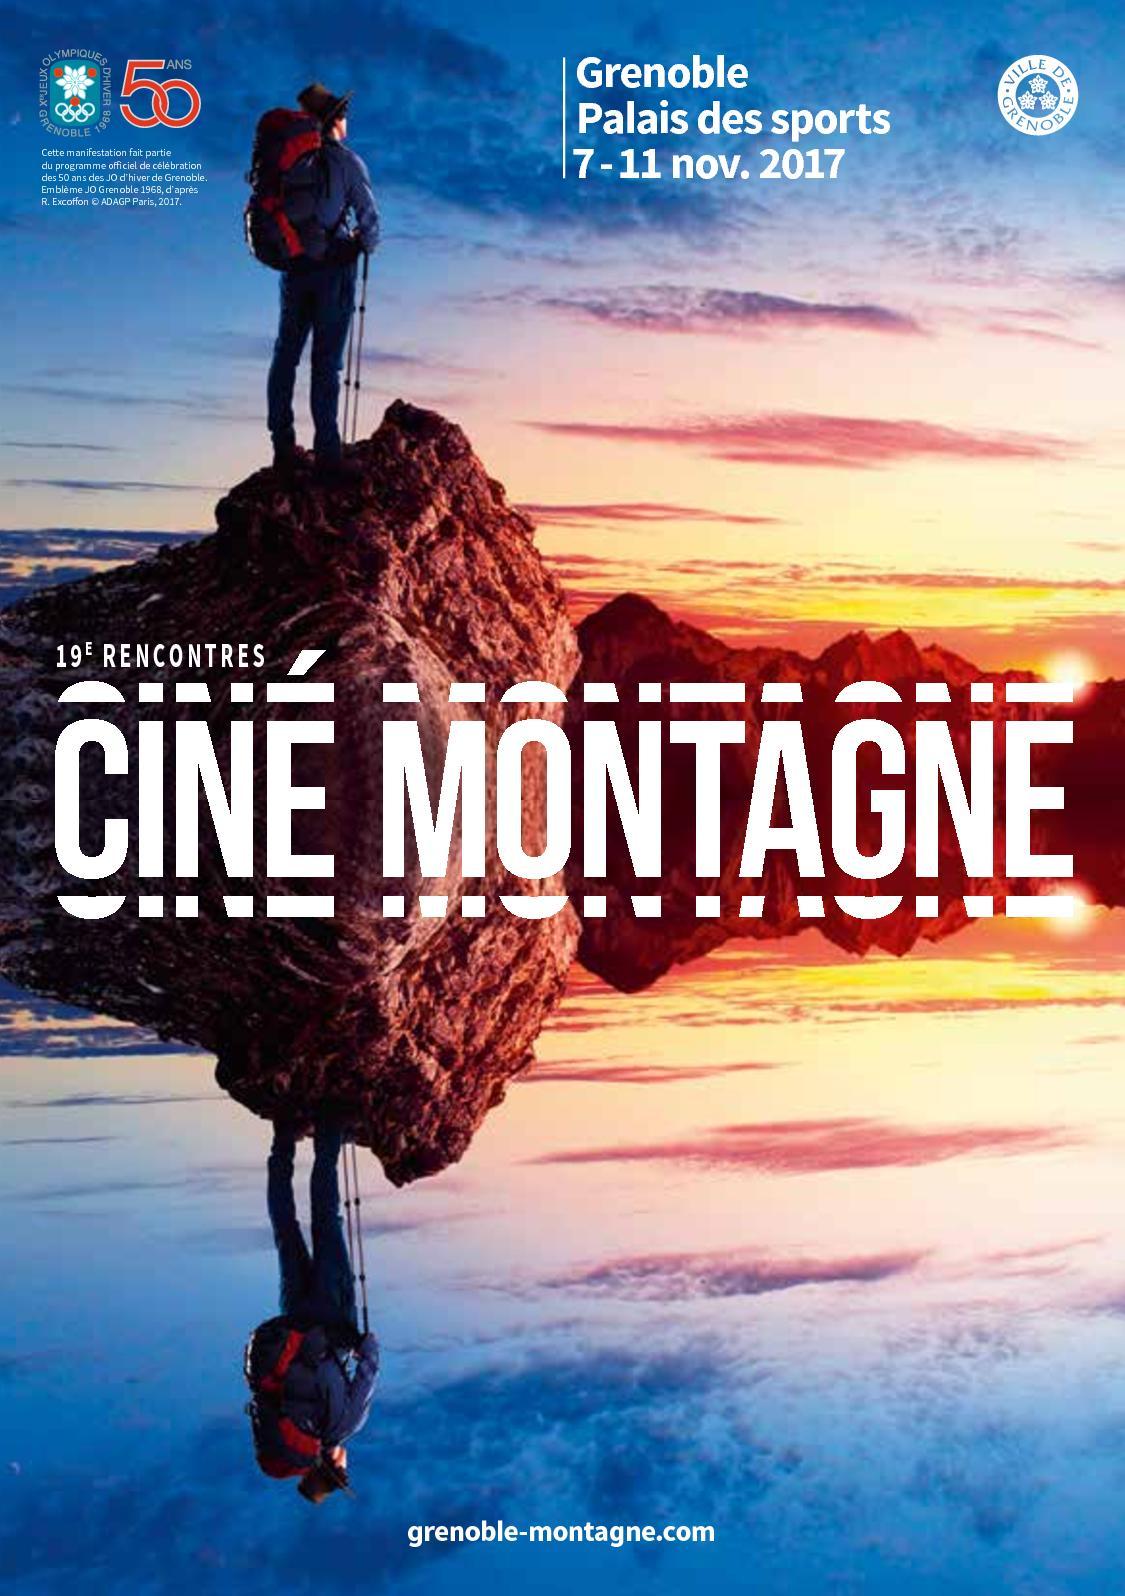 rencontres cinema montagne grenoble 2011